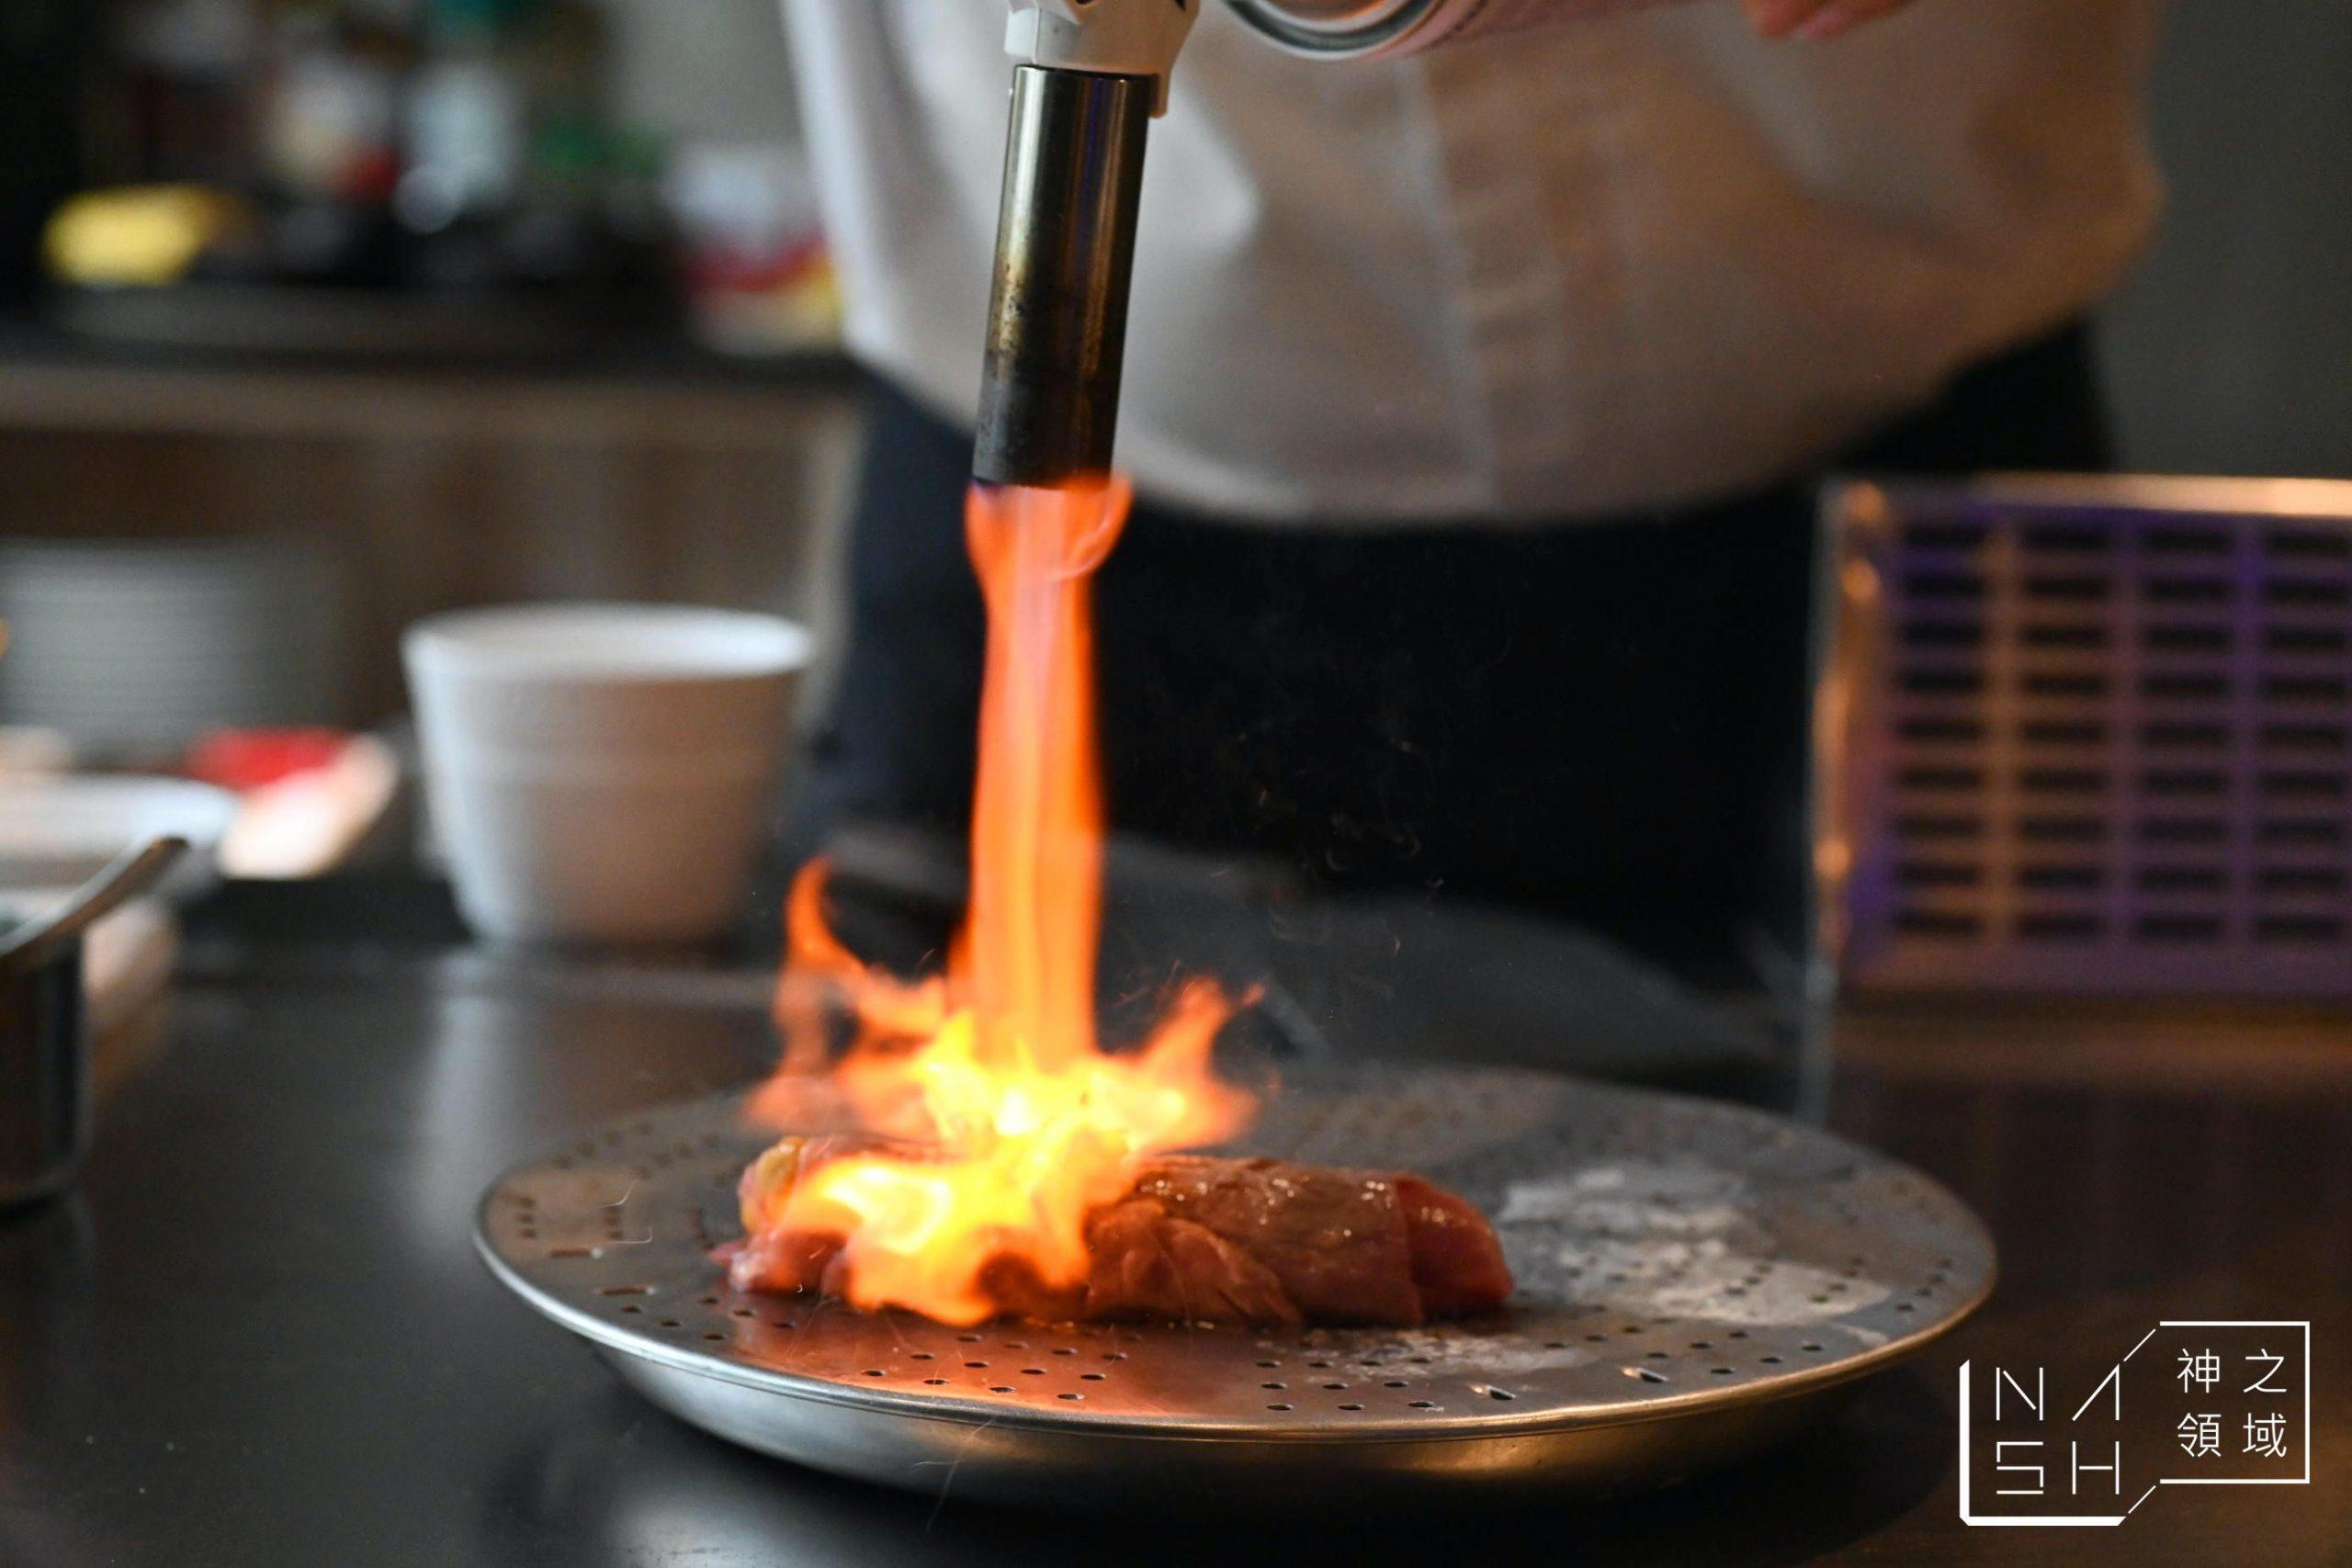 鼎級prime鐵板燒,鼎級鐵板燒,林口鐵板燒,鐵板燒推薦